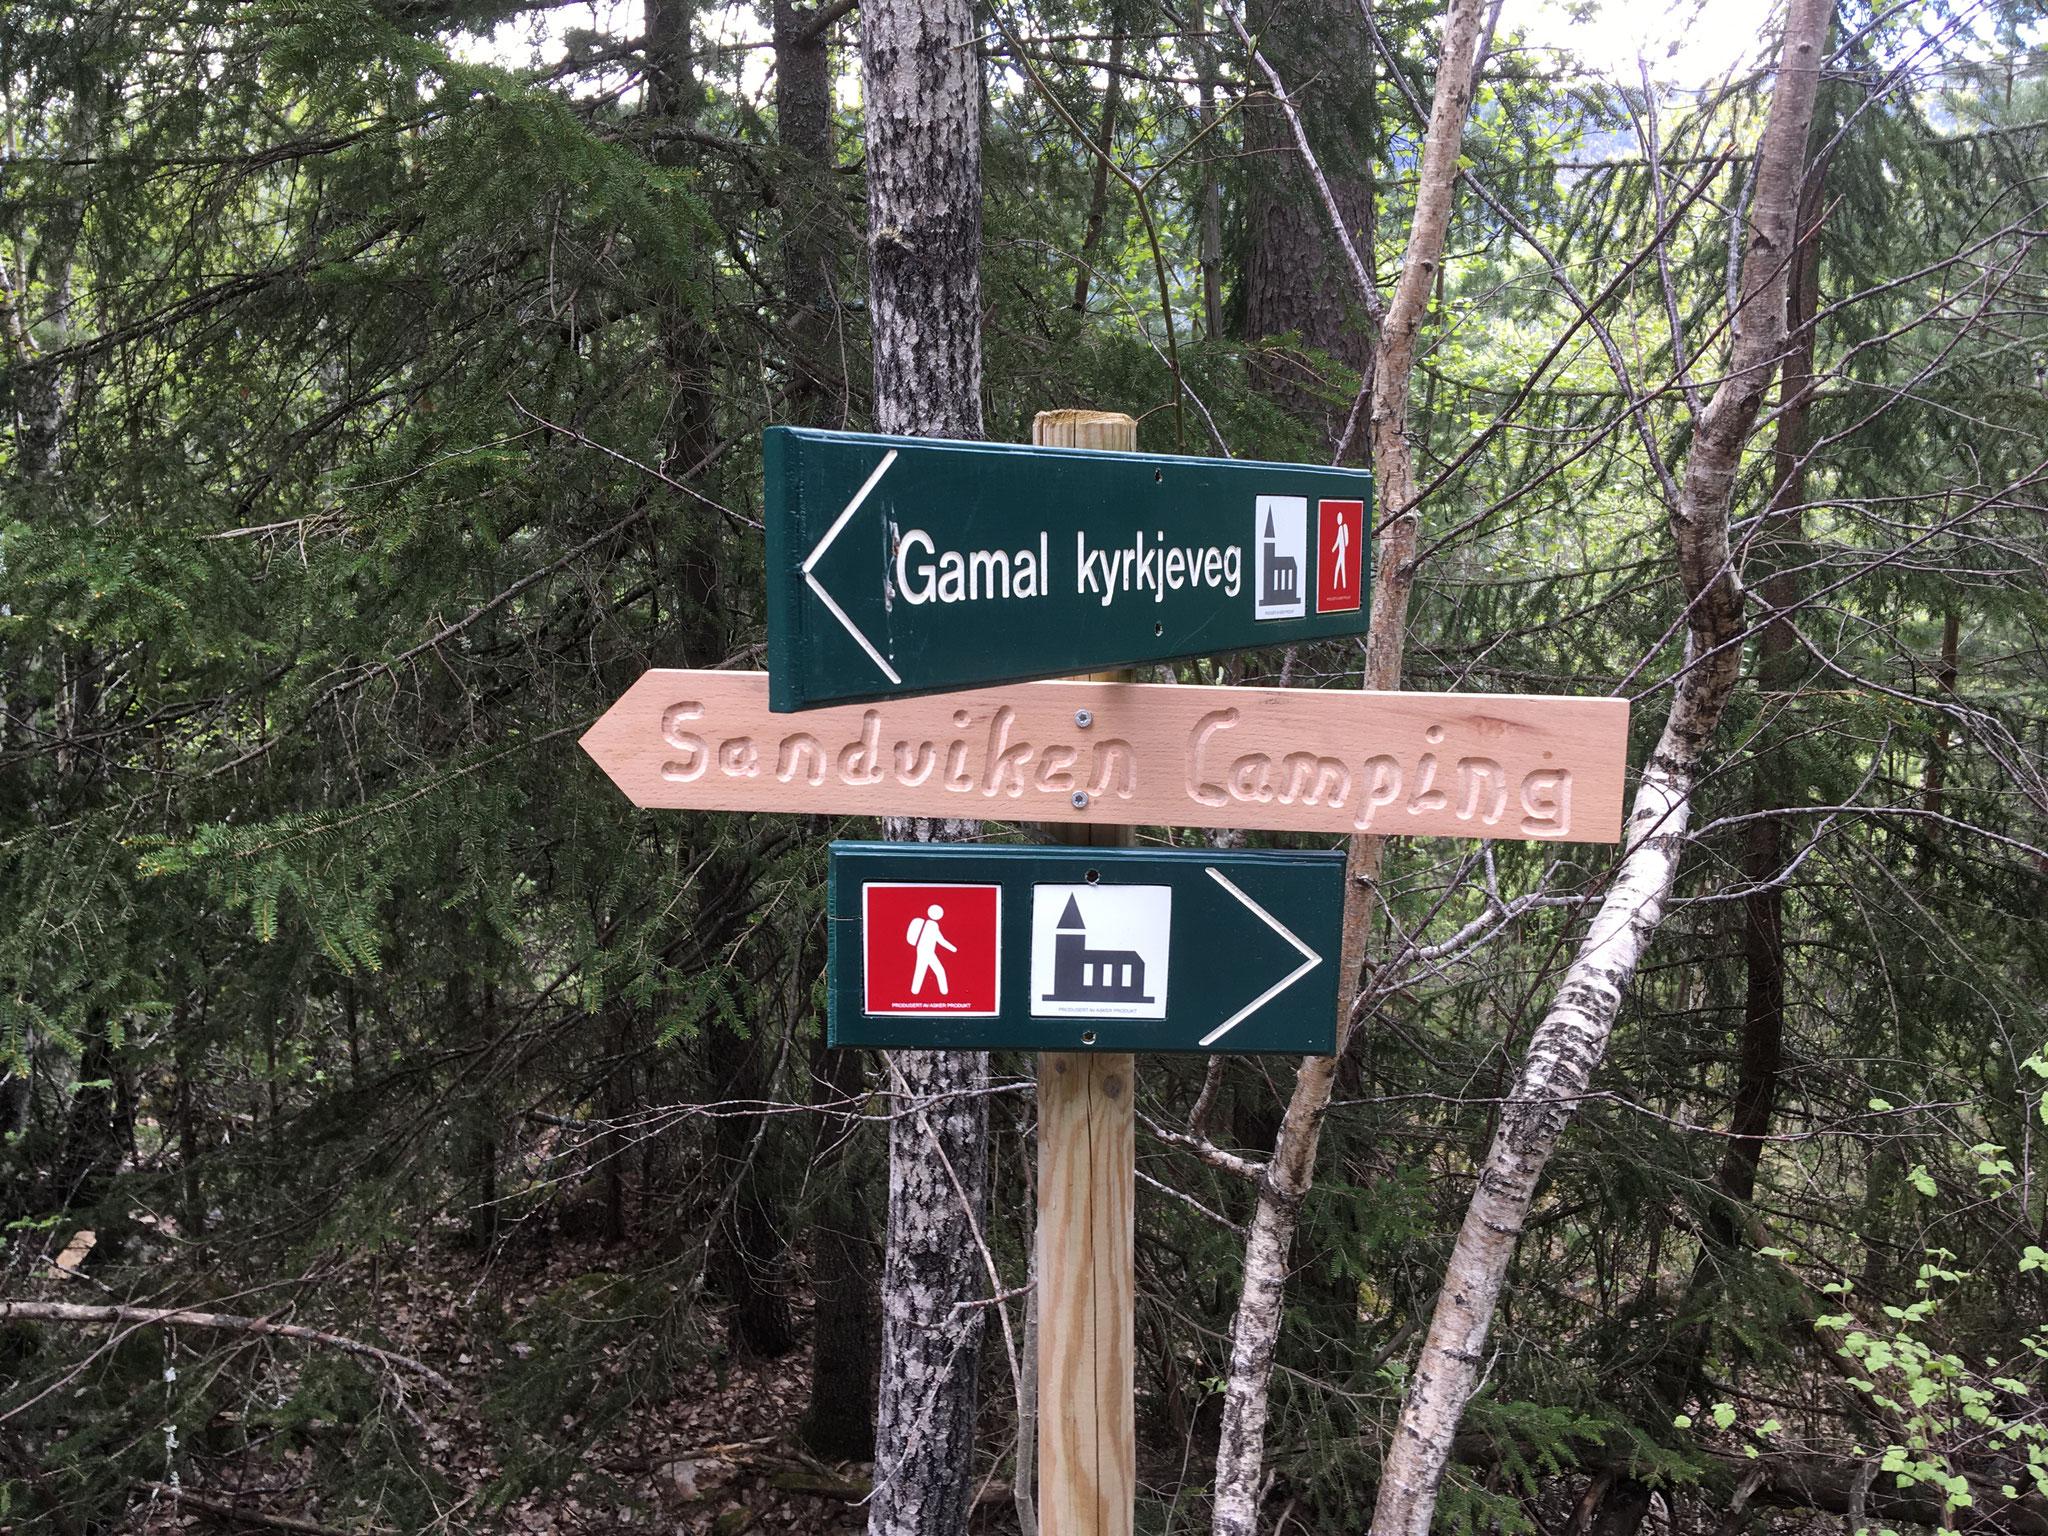 her kommer du ut fra gamel kirkesti på grusvei og tar deg til venstre mot Sandviken Camping